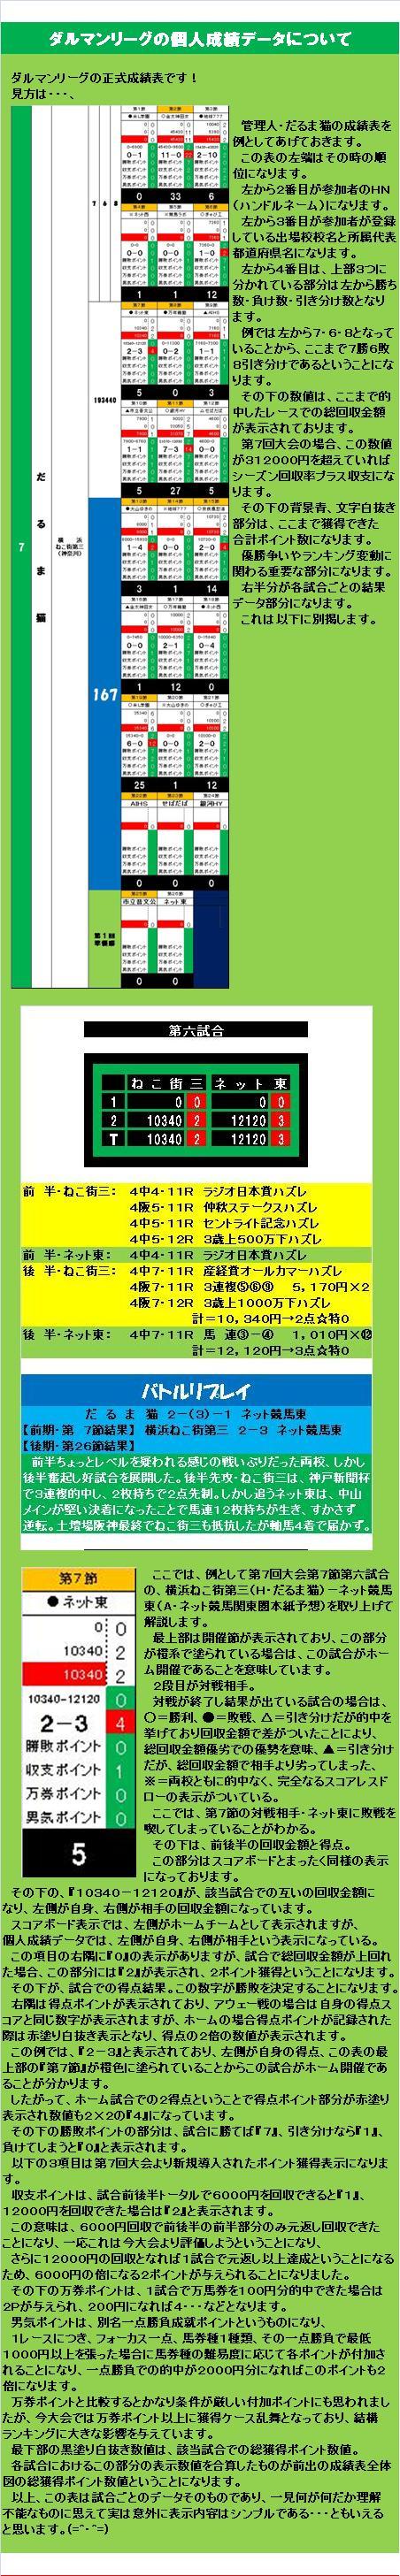 20160423・最終局面SP⑳.jpg